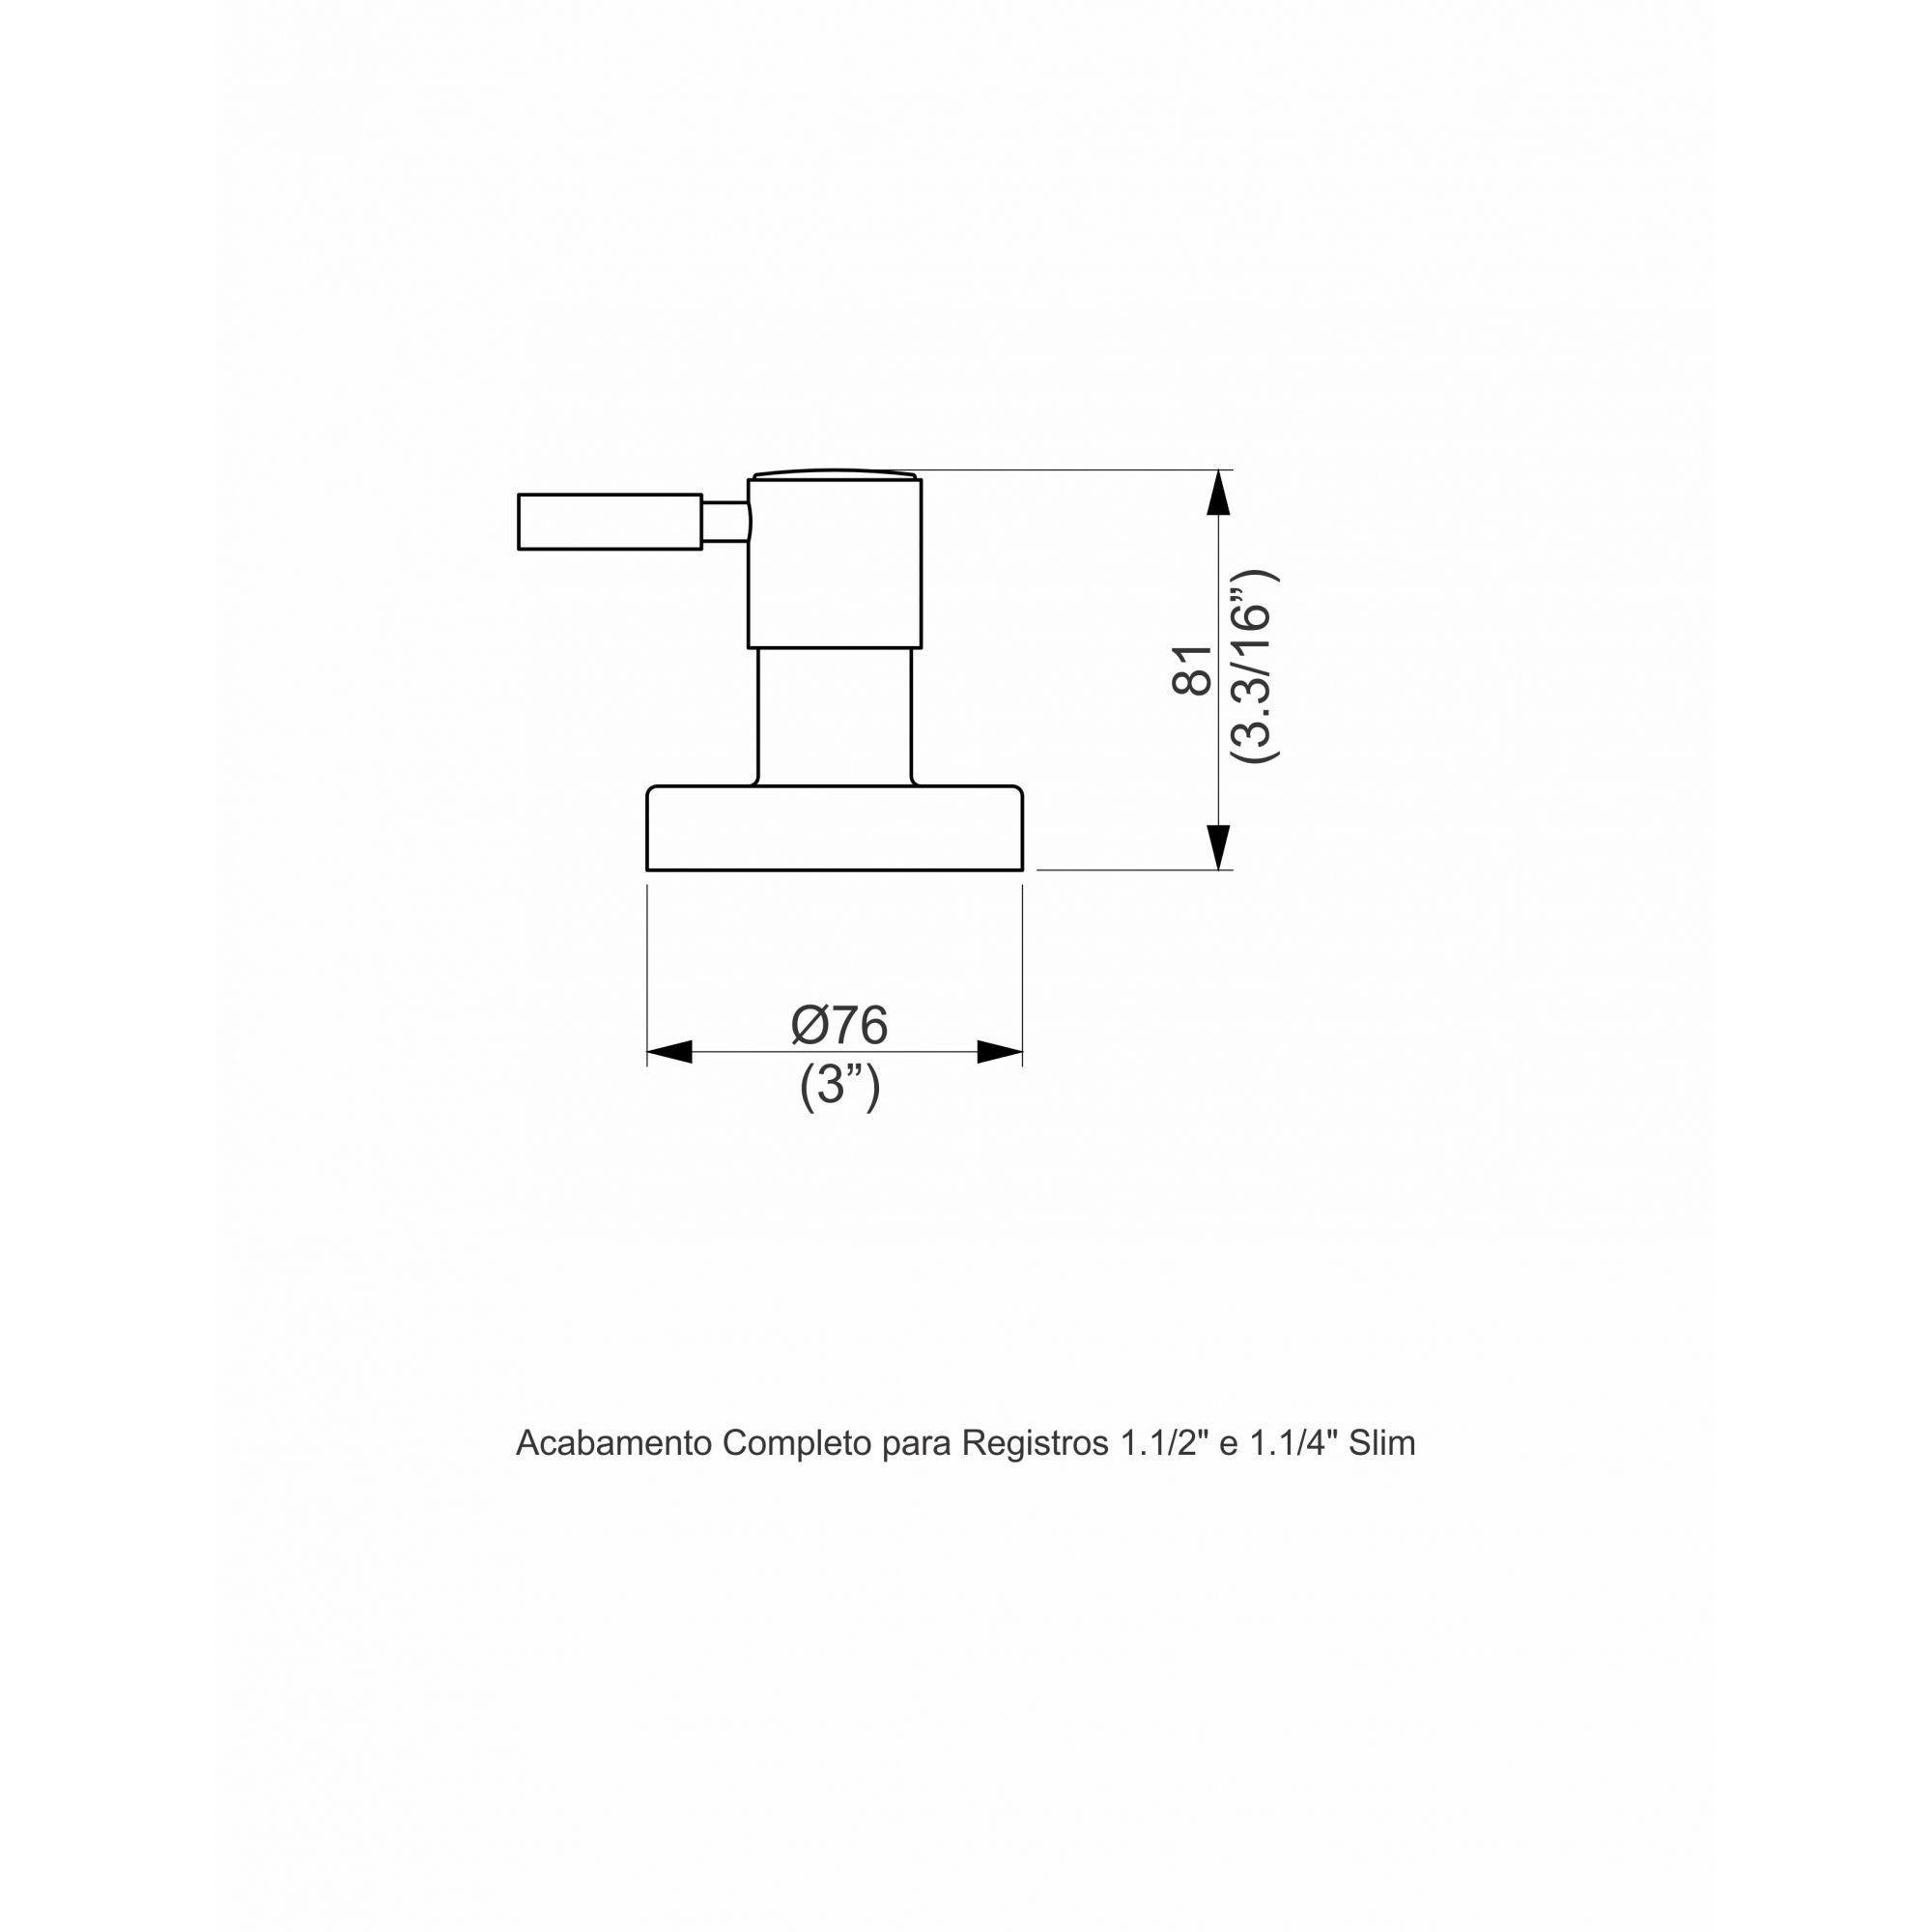 ACABAMENTO PARA REGISTRO 1/1.4 SLIM CROMADO 1162.2310 - PERFLEX